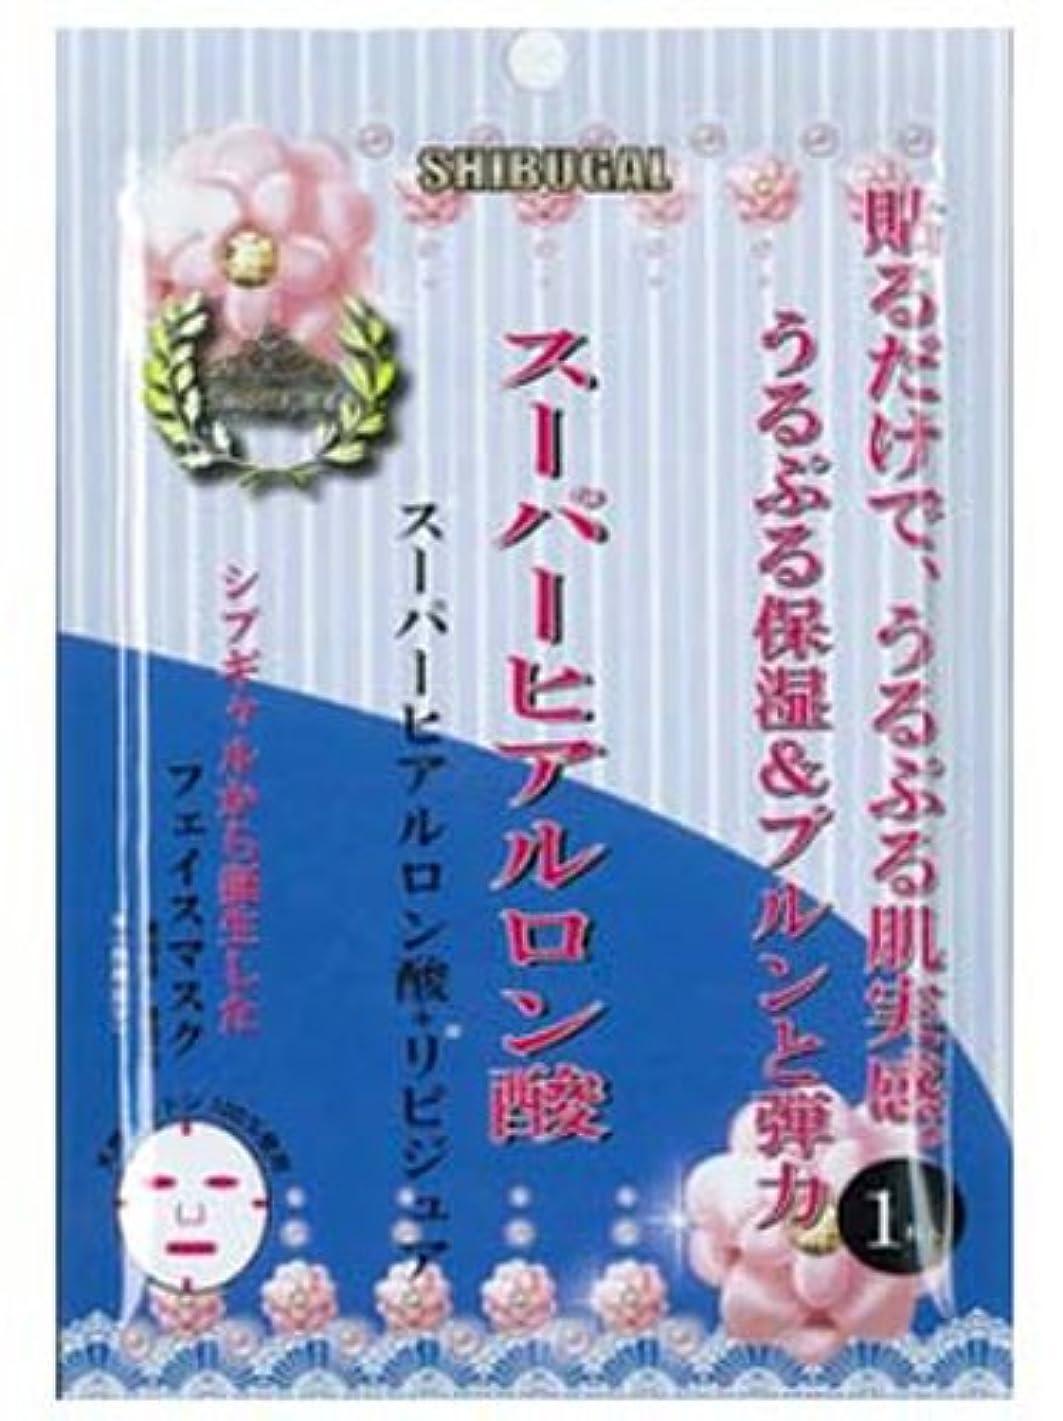 六分儀忌避剤規則性シブギャル フェイスマスク「スーパーヒアルロン酸」